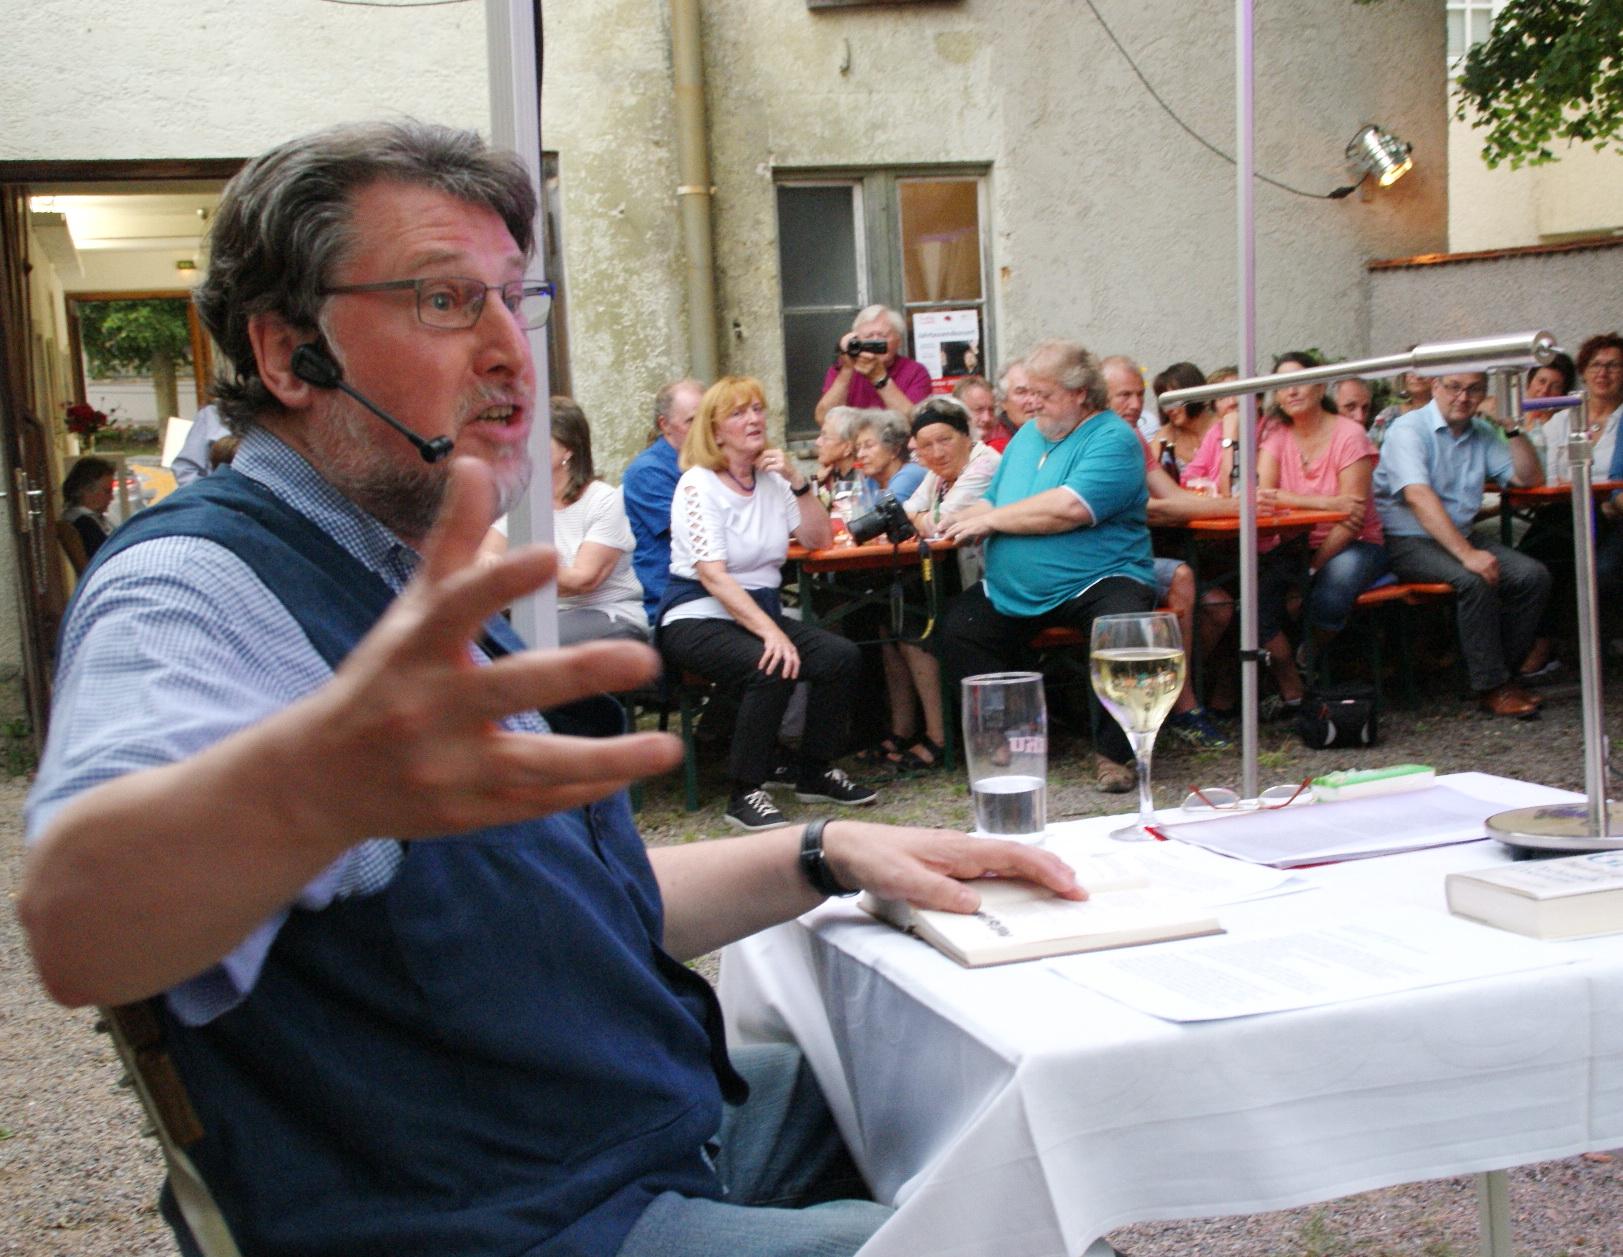 Rezitator Karl Stumpfi beanspruchte wieder sein volles Mimik- und Gestikrepertoire. Fotos: Alfred Grassmann